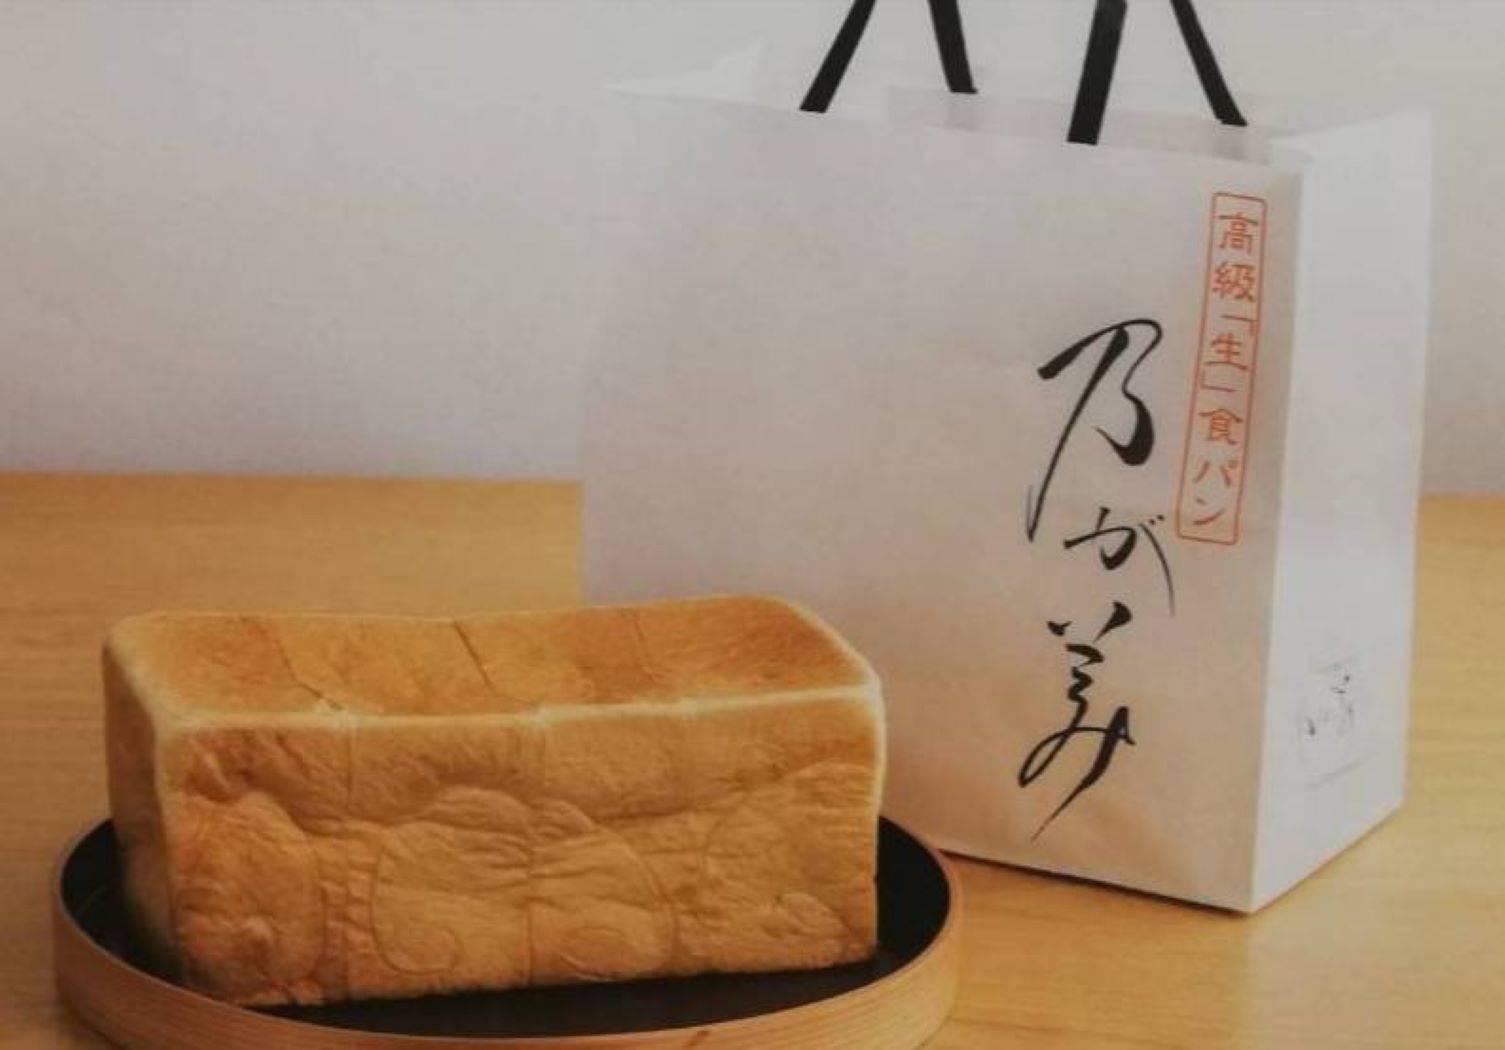 乃が美催事高級生食パン